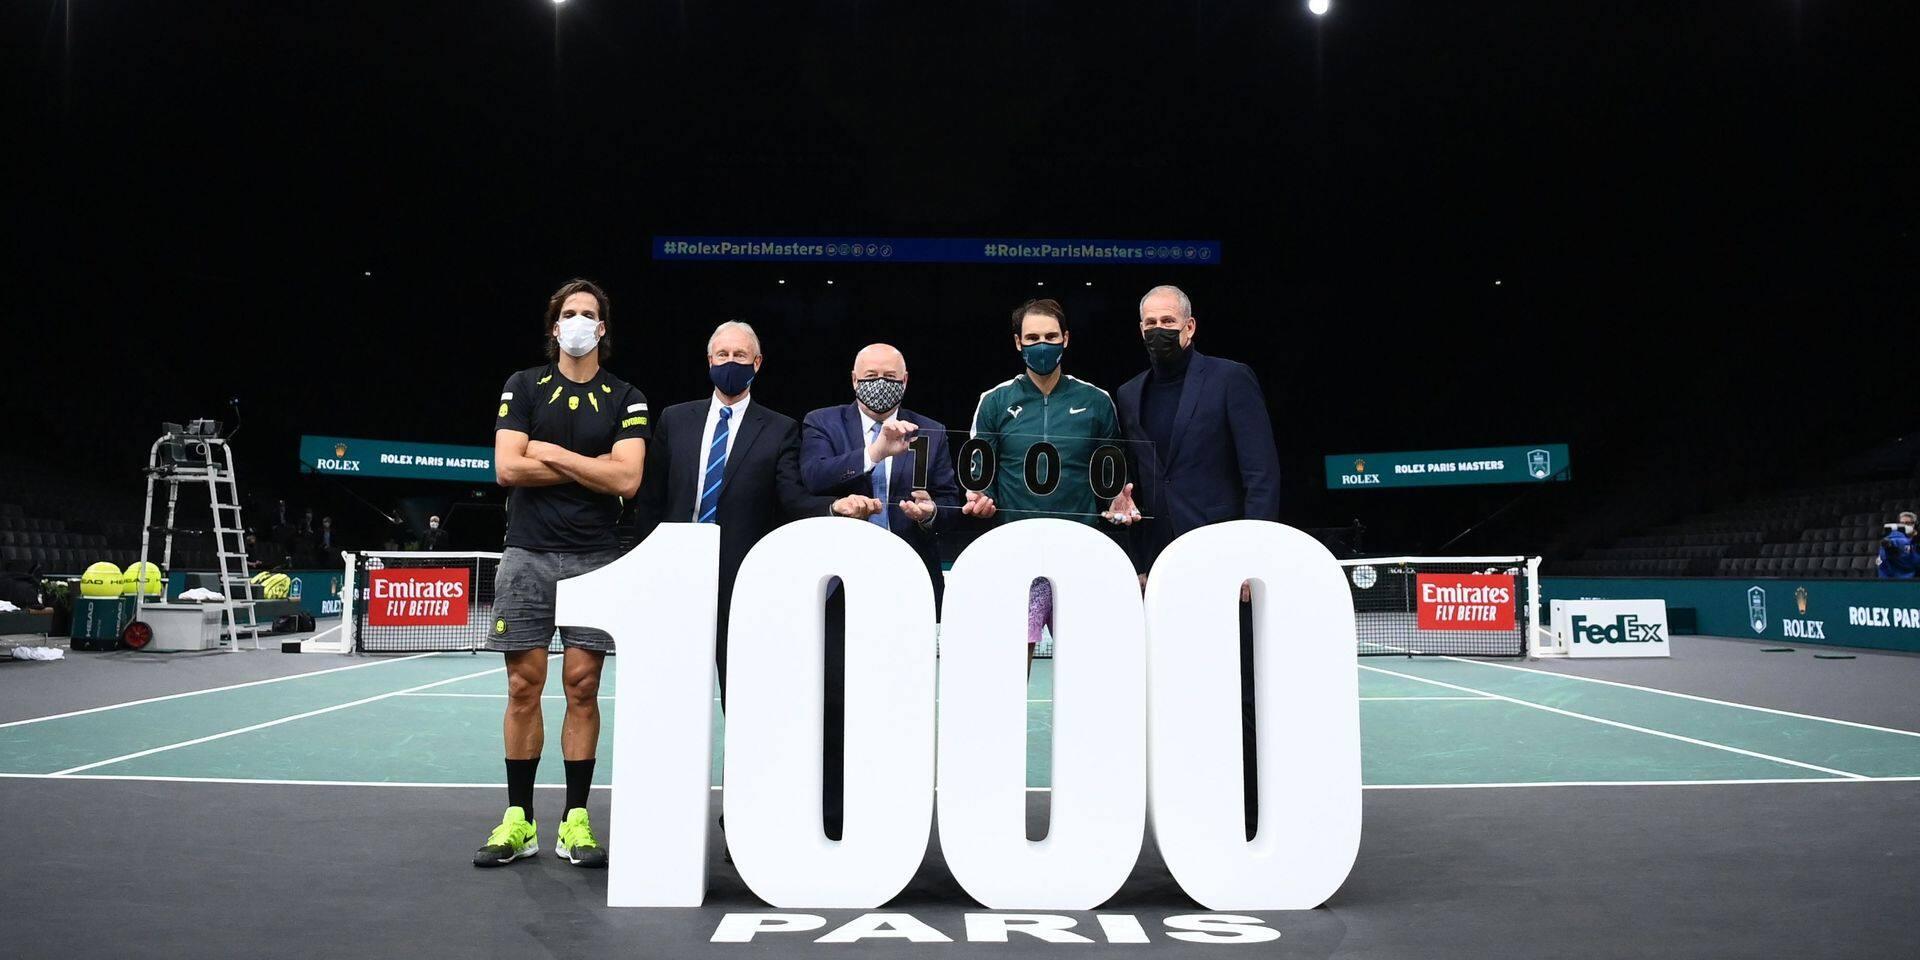 1000e victoire pour Rafael Nadal qui bat Feliciano Lopez au 2e tour du Masters 1000 parisien